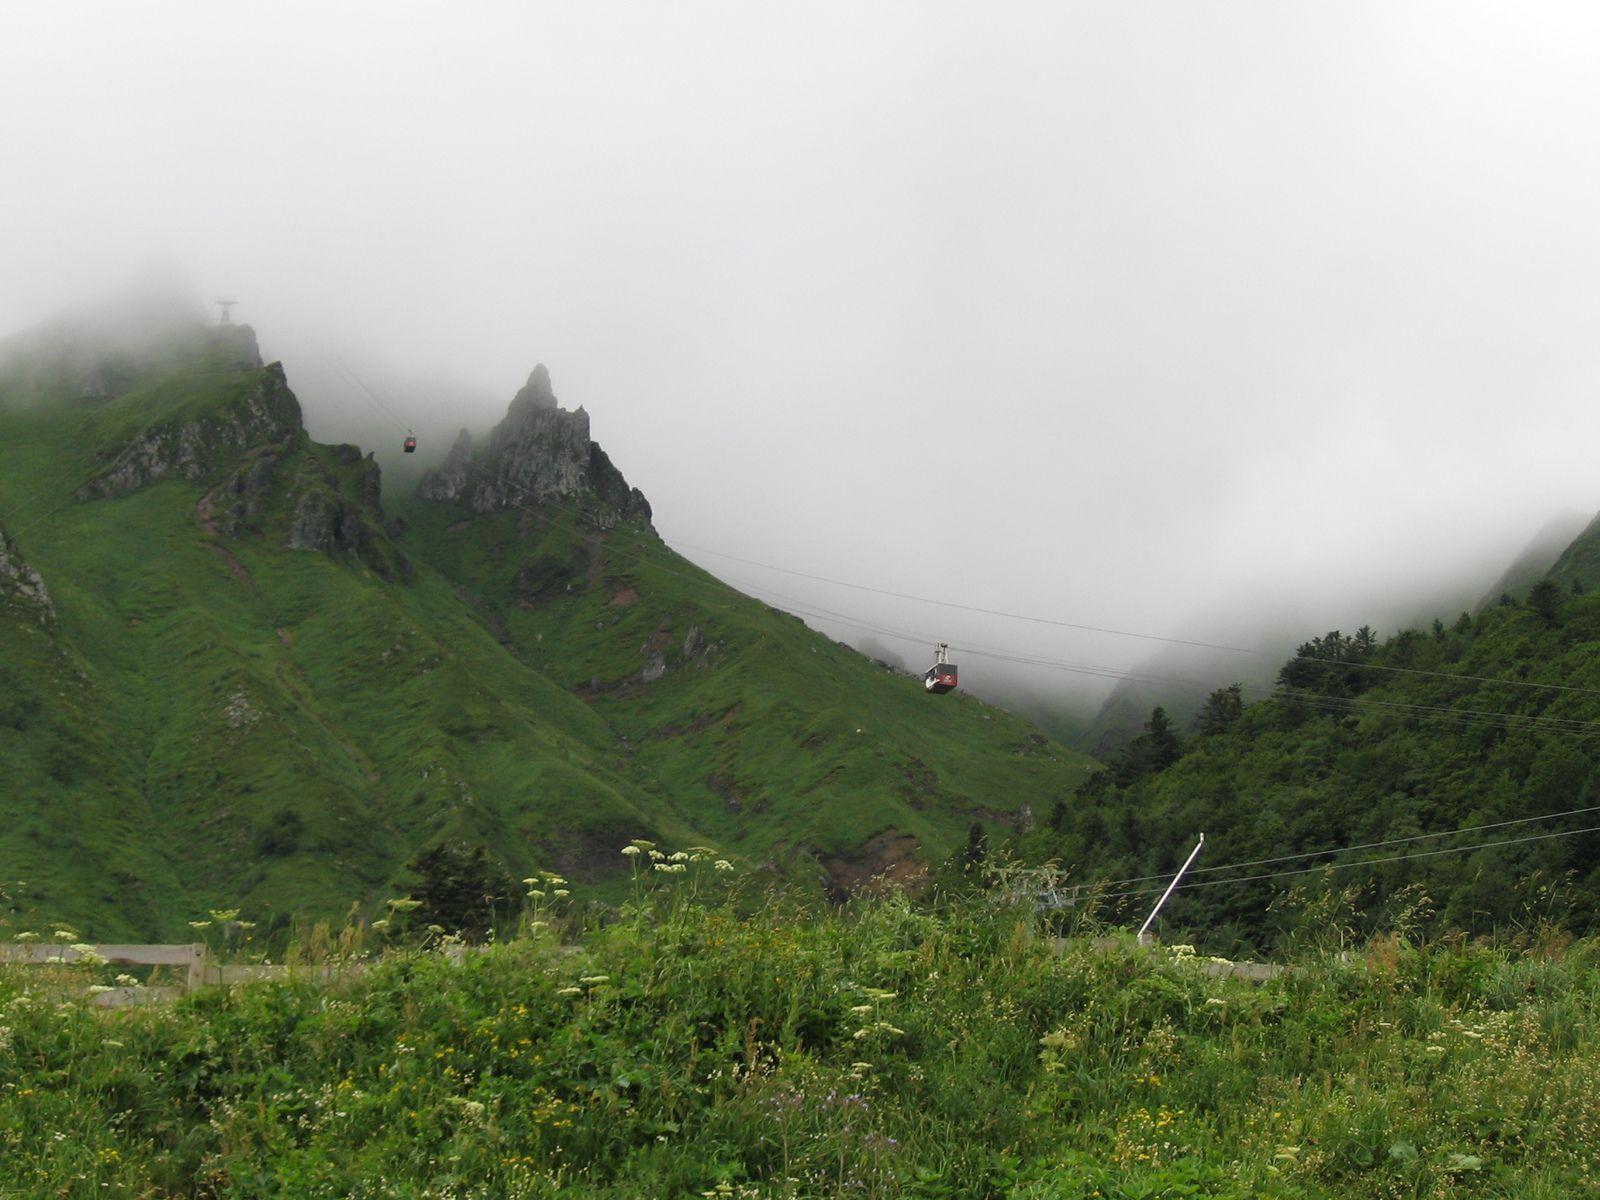 Auvergne - Dimanche 19 juillet 2009